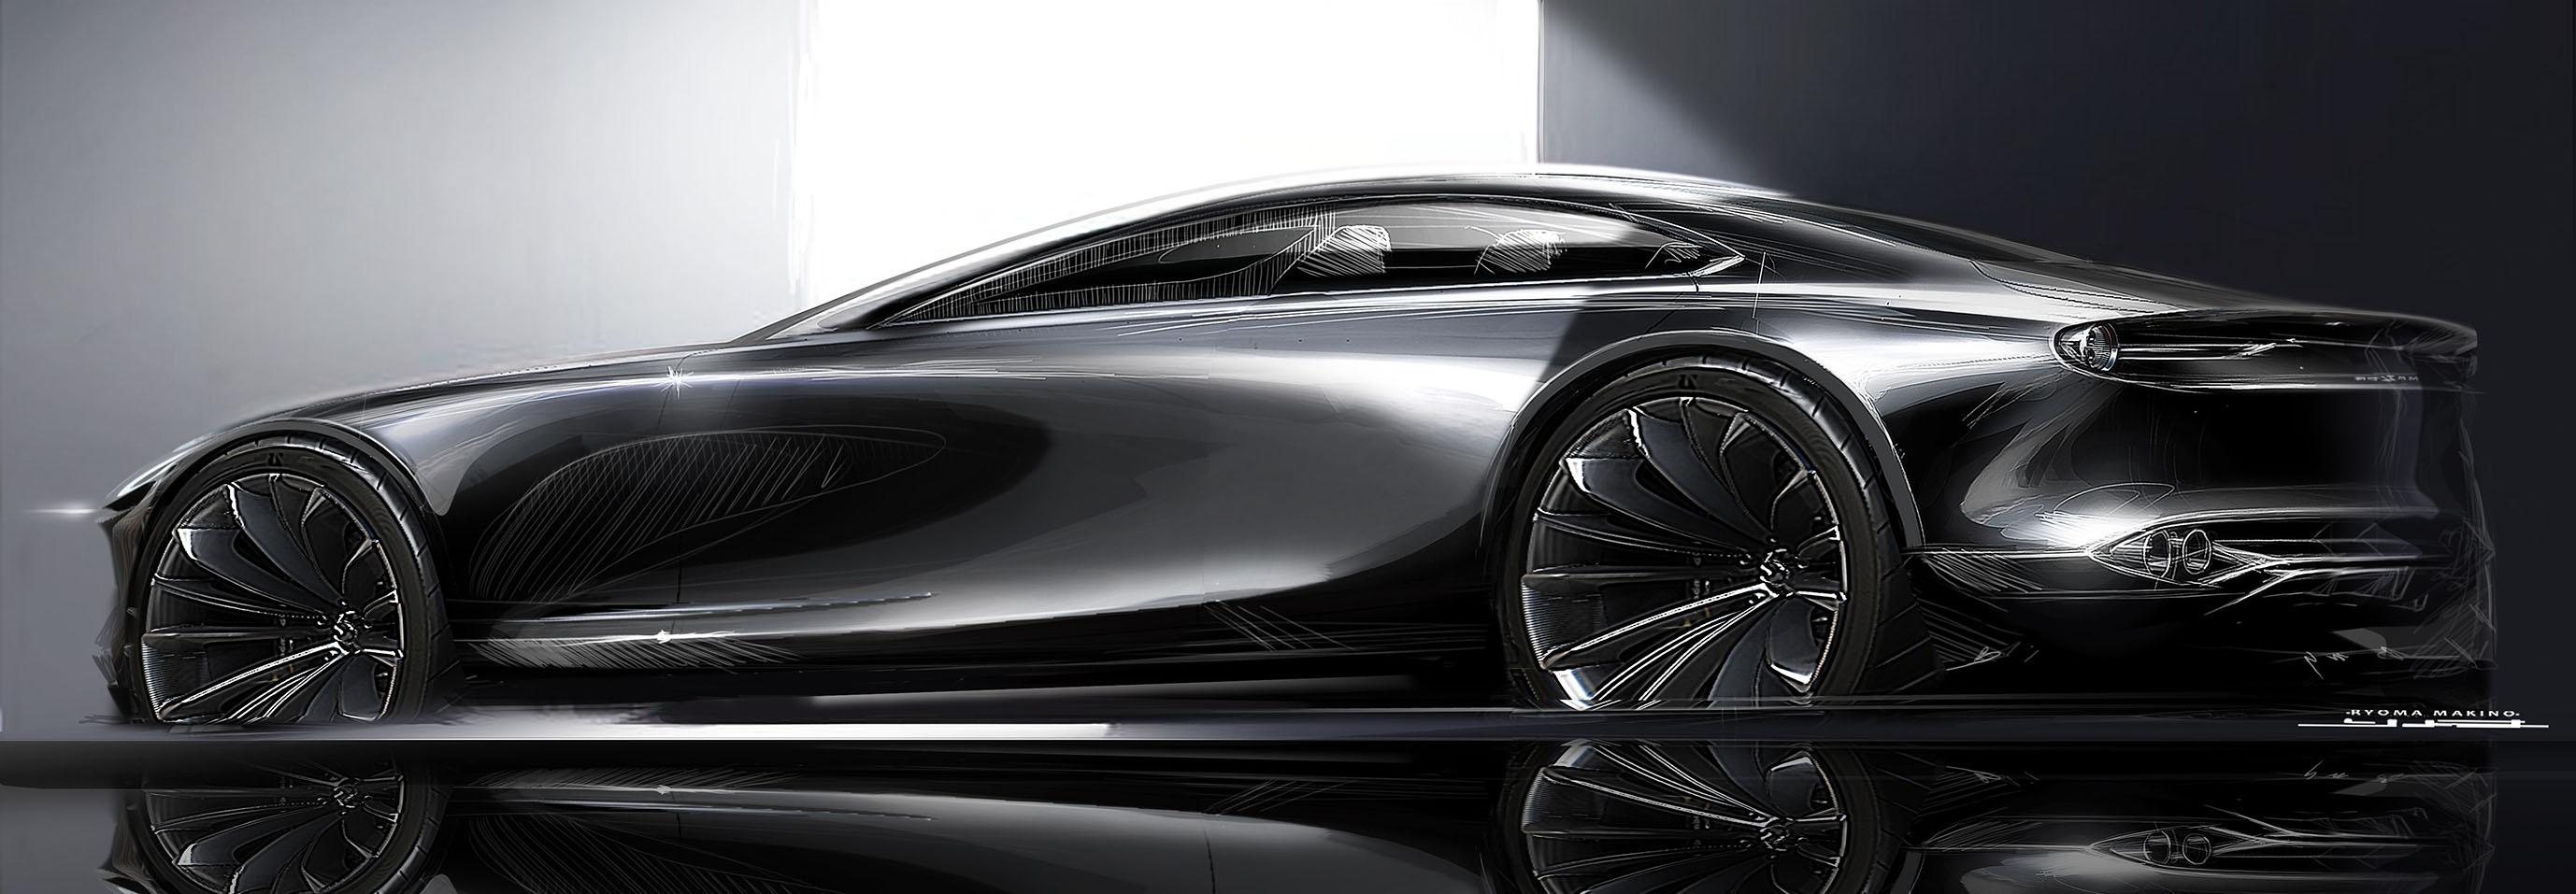 マツダのコンセプトカー「VISION COUPE」のデザインスケッチ